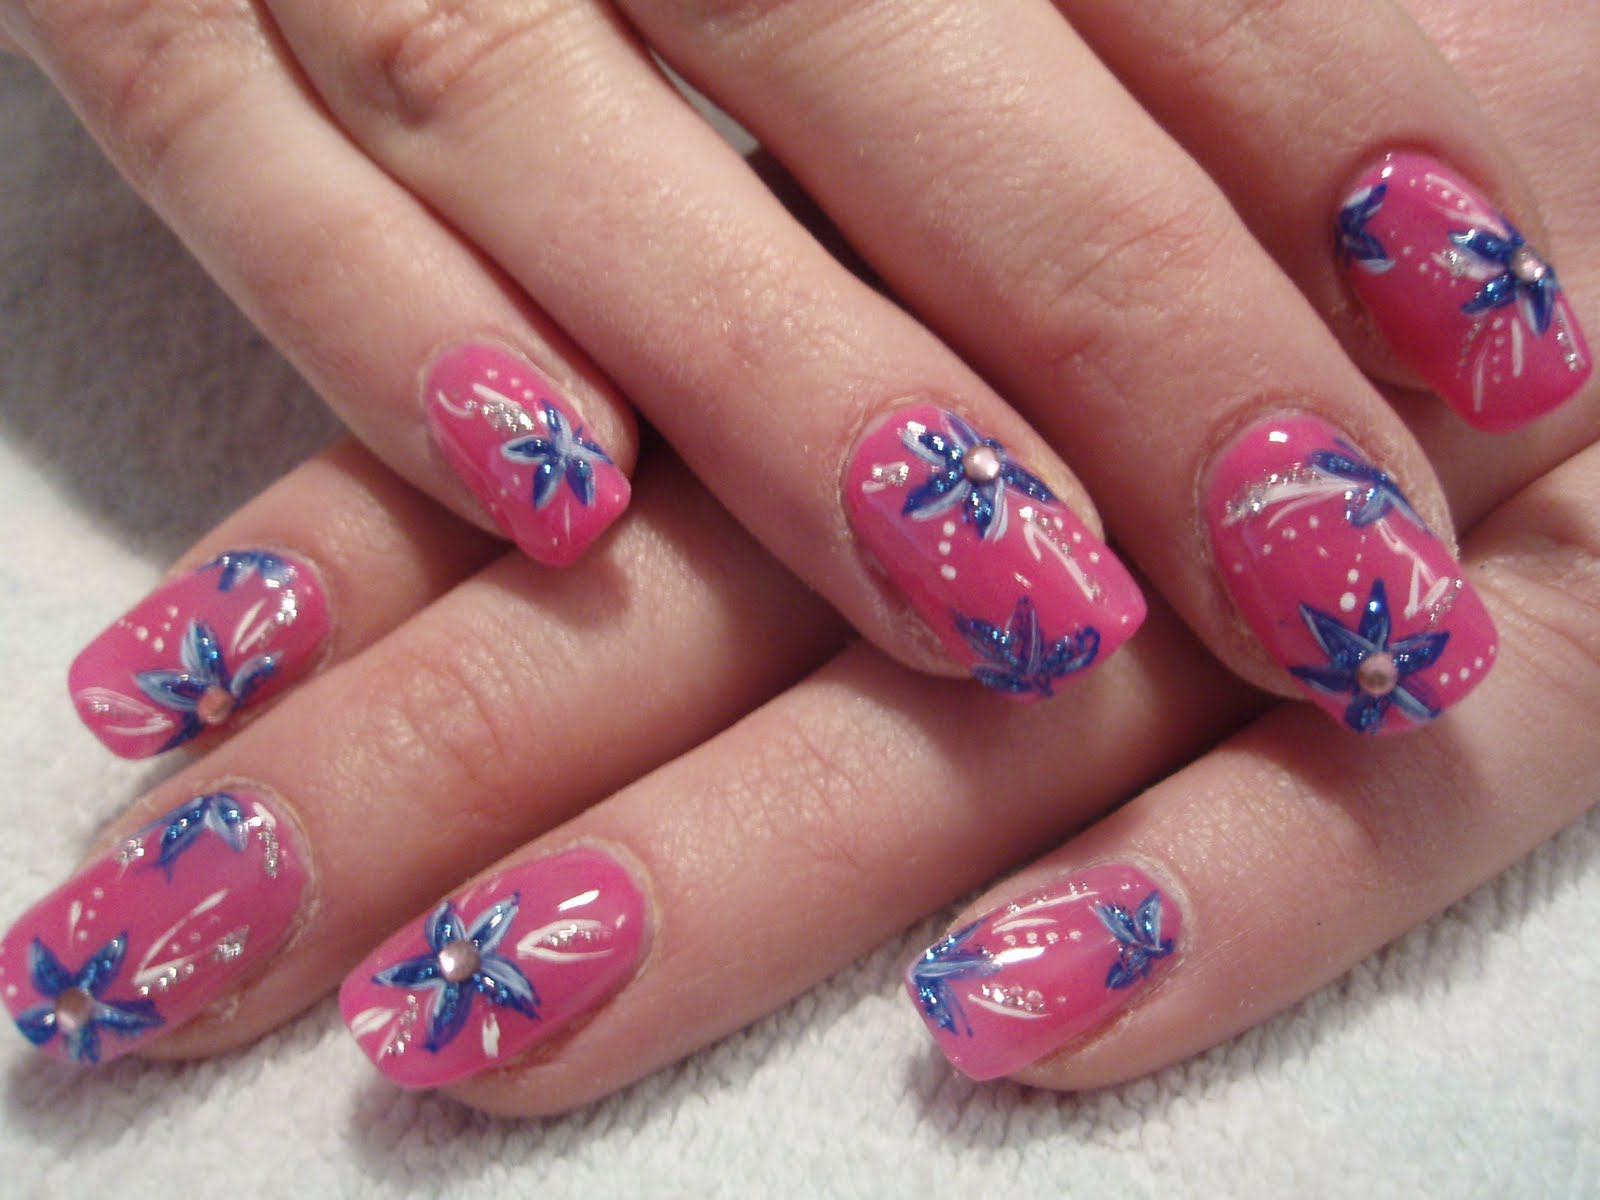 12 2013 admin nail designs nail designs trend tags nail designs nails